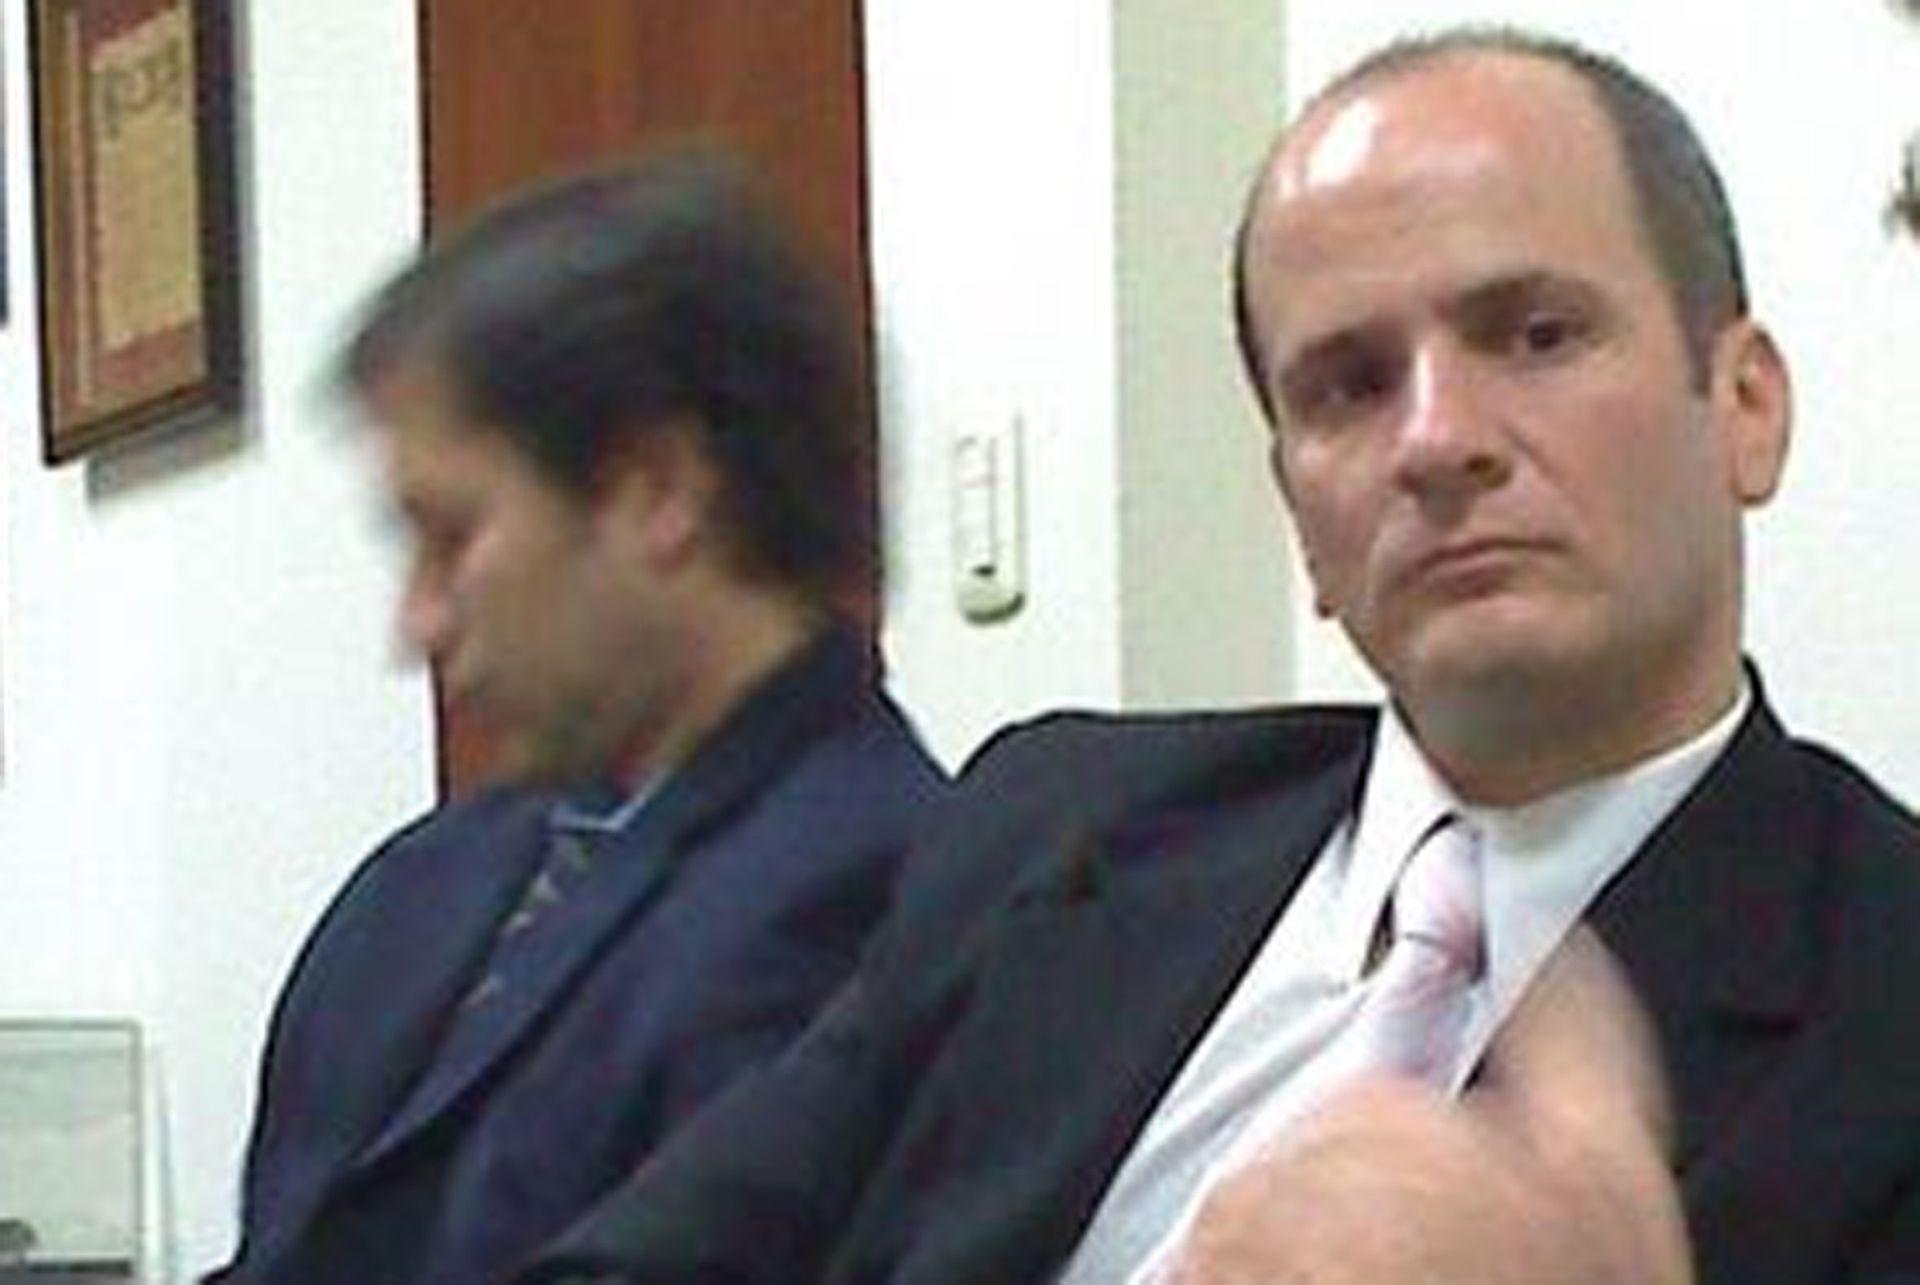 Escándalo judicial: el fiscal de San Isidro Claudio Scapolan, acusado de ser jefe de una asociación ilícita, pidió la suspensión de la indagatoria